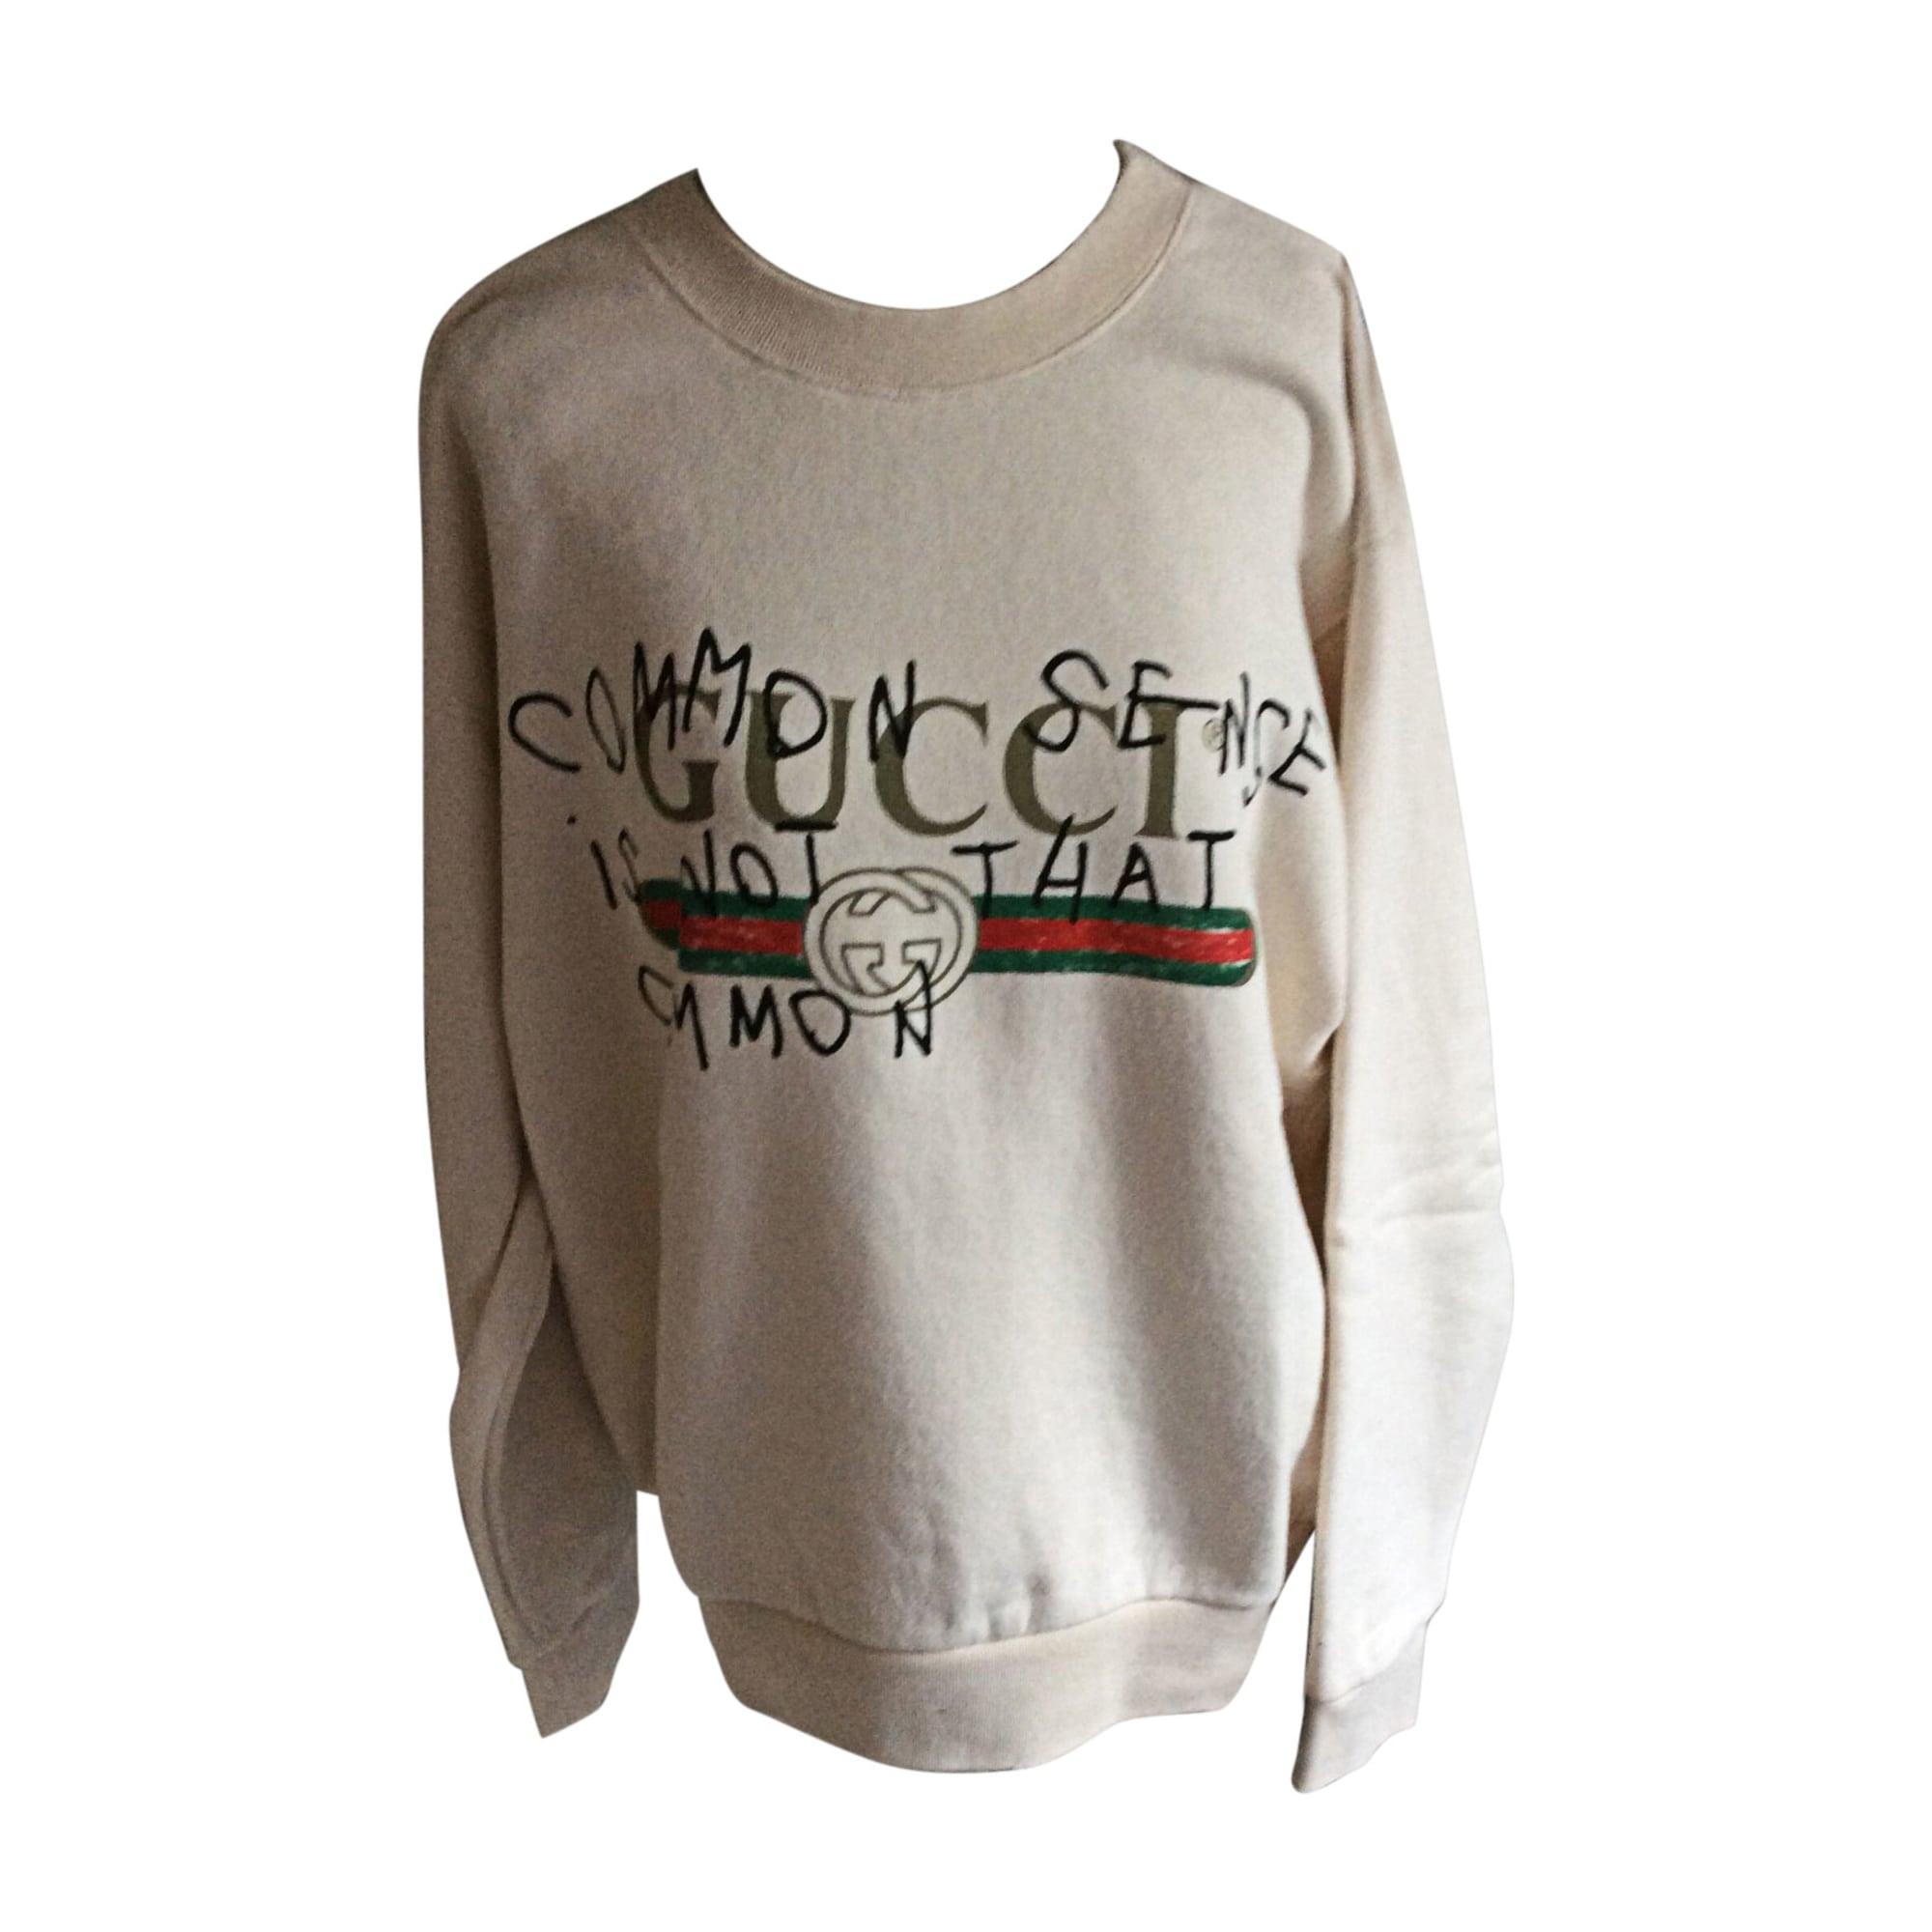 6d570f9b852 Sweatshirt GUCCI 36 (S